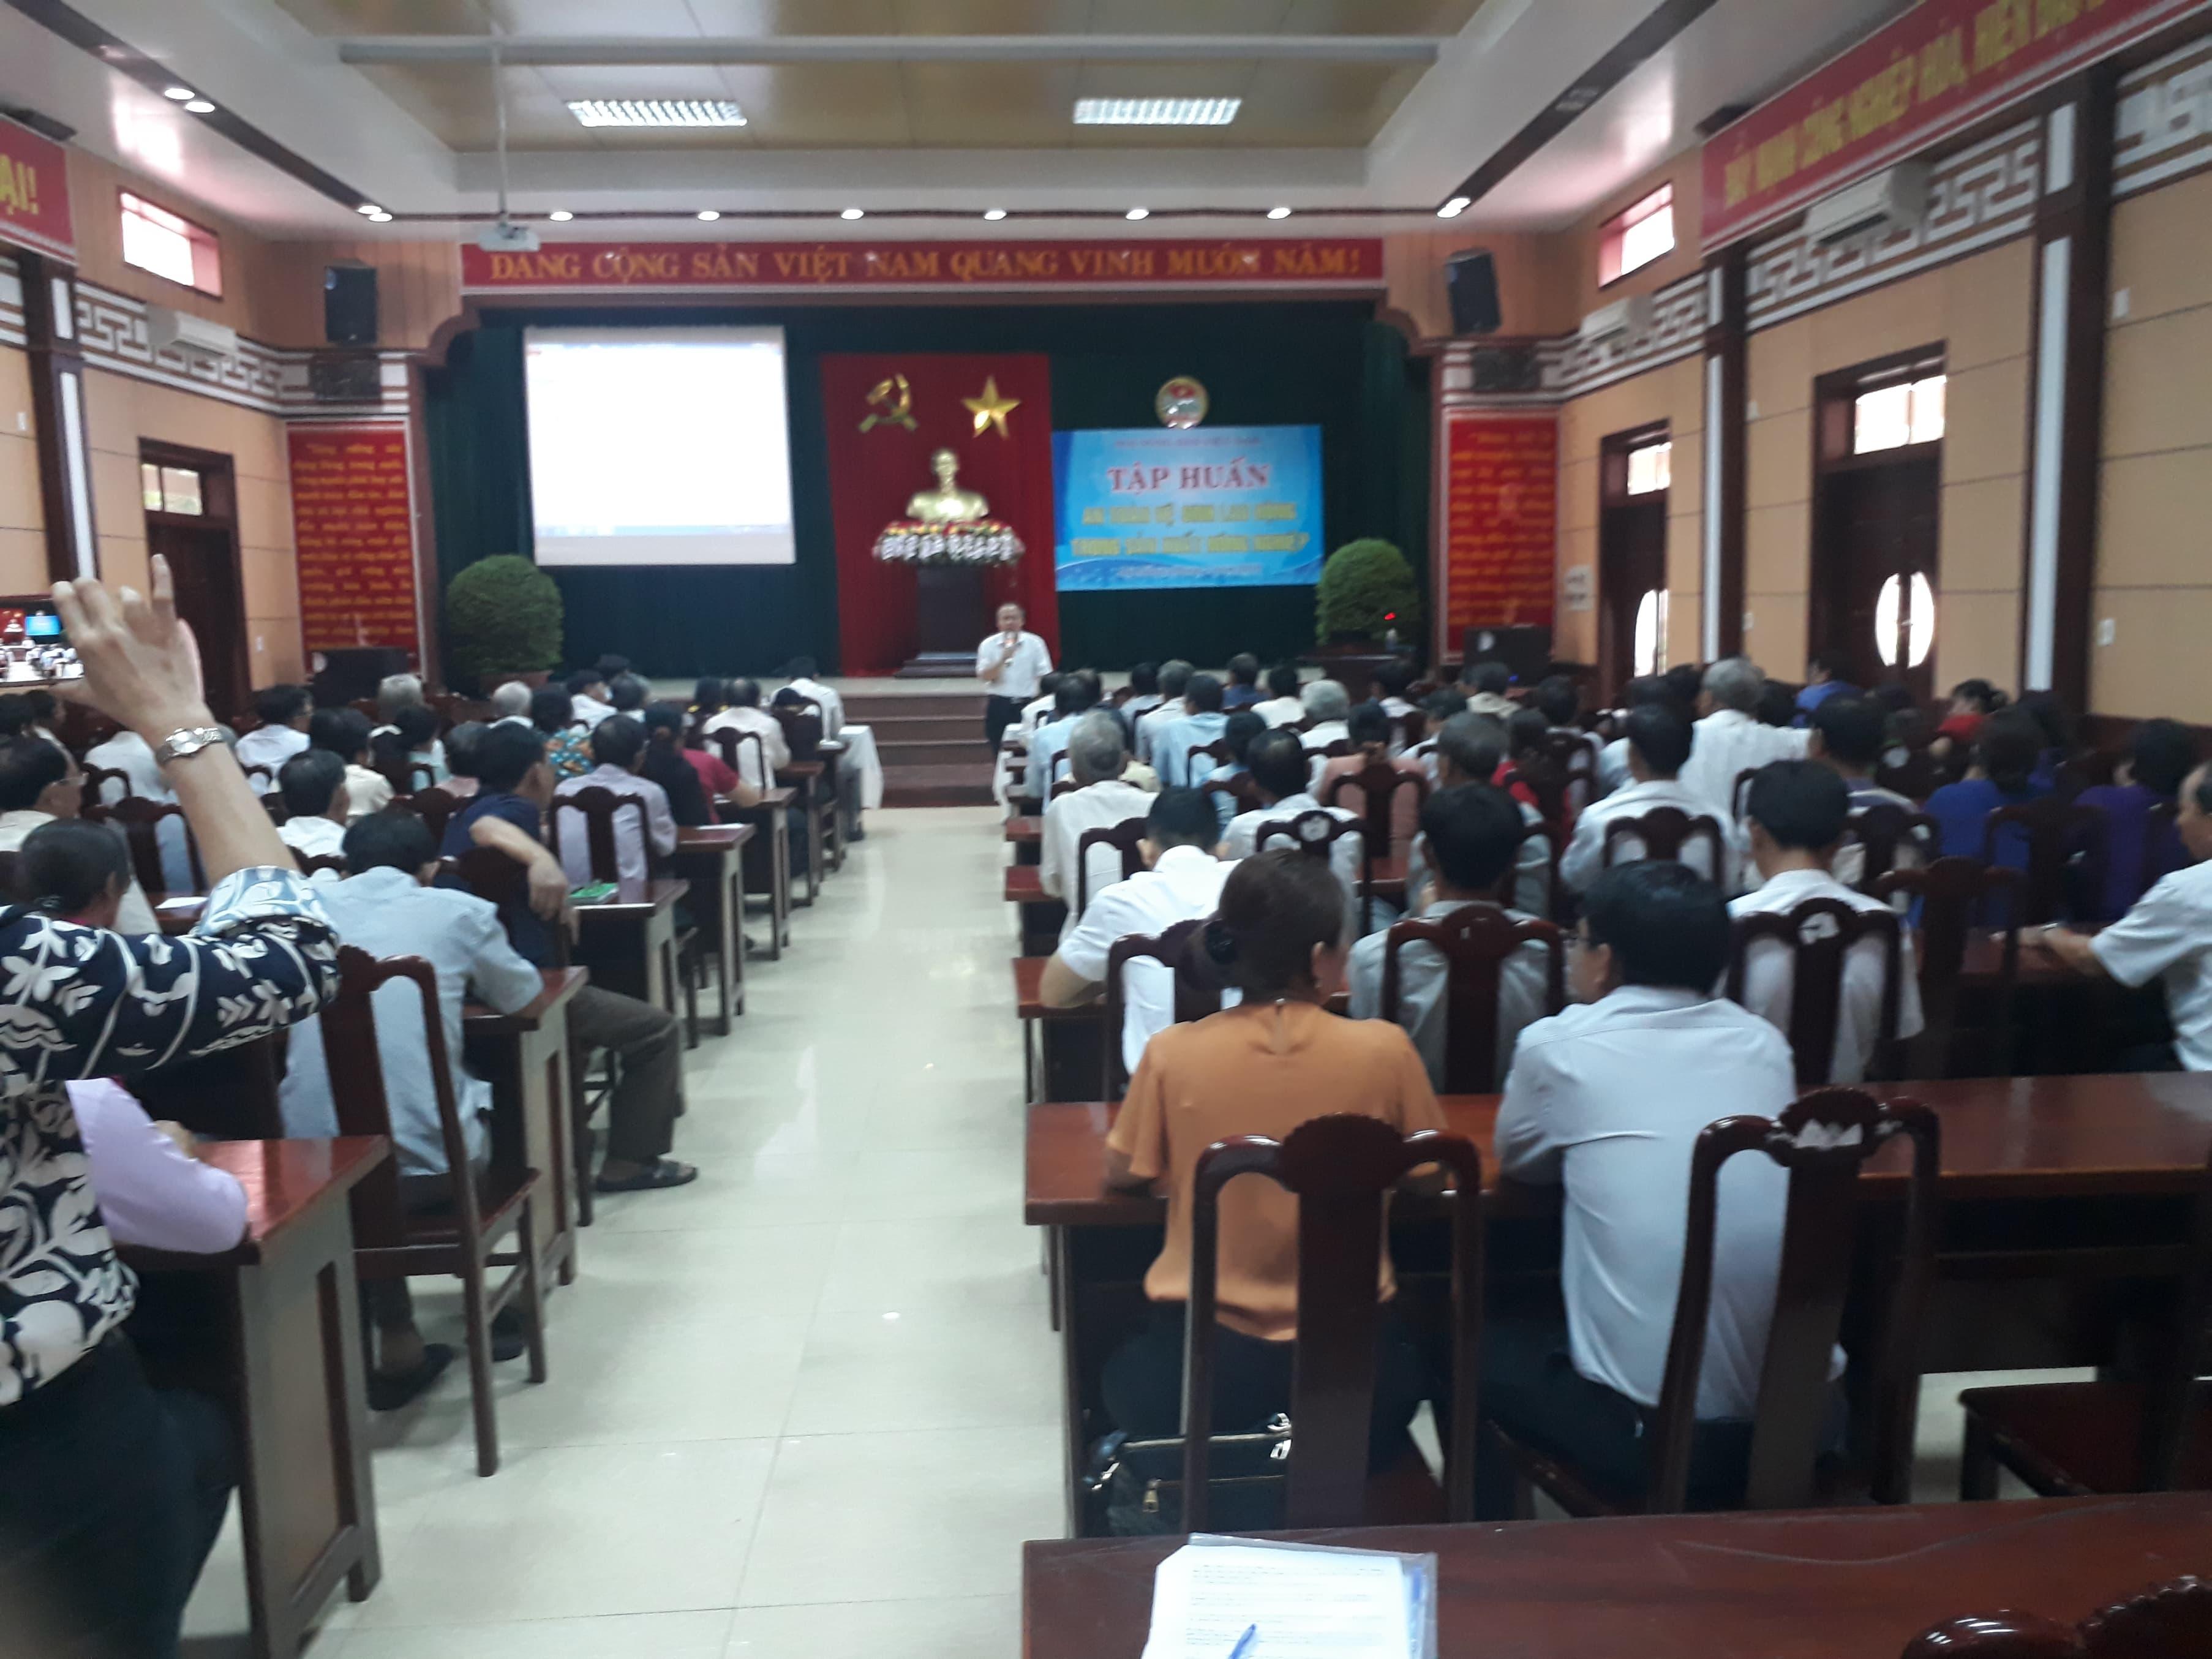 Hội ND TP. Đà Nẵng: Tập huấn an toàn vệ sinh lao động cho gần 400 cán bộ, hội viên, nông dân